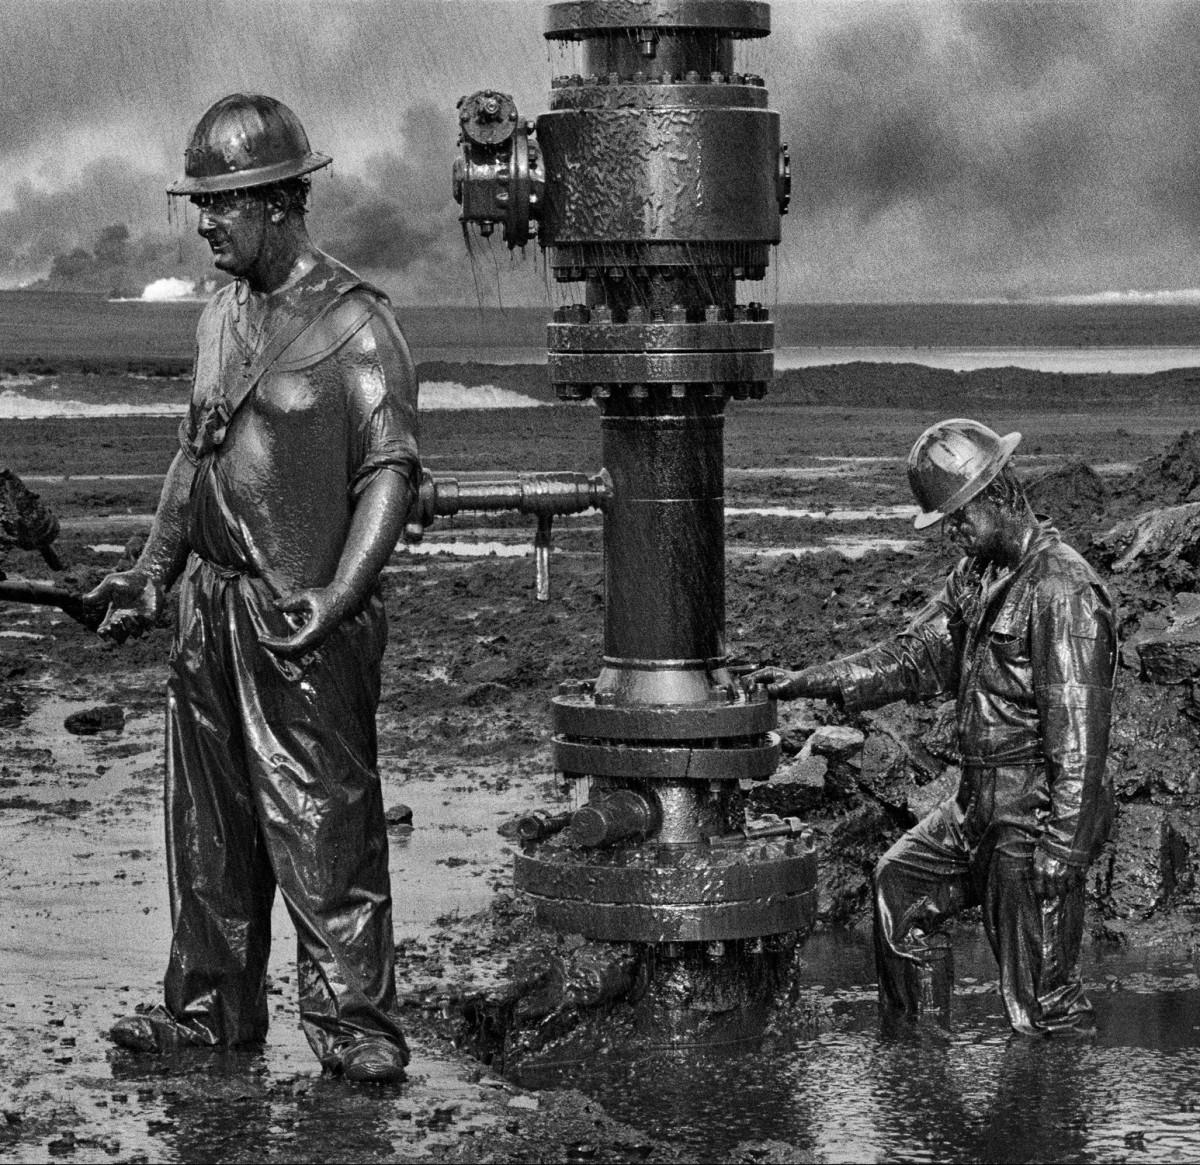 Las fotos de Sebastião Salgado golpearán tu indiferencia cotidiana